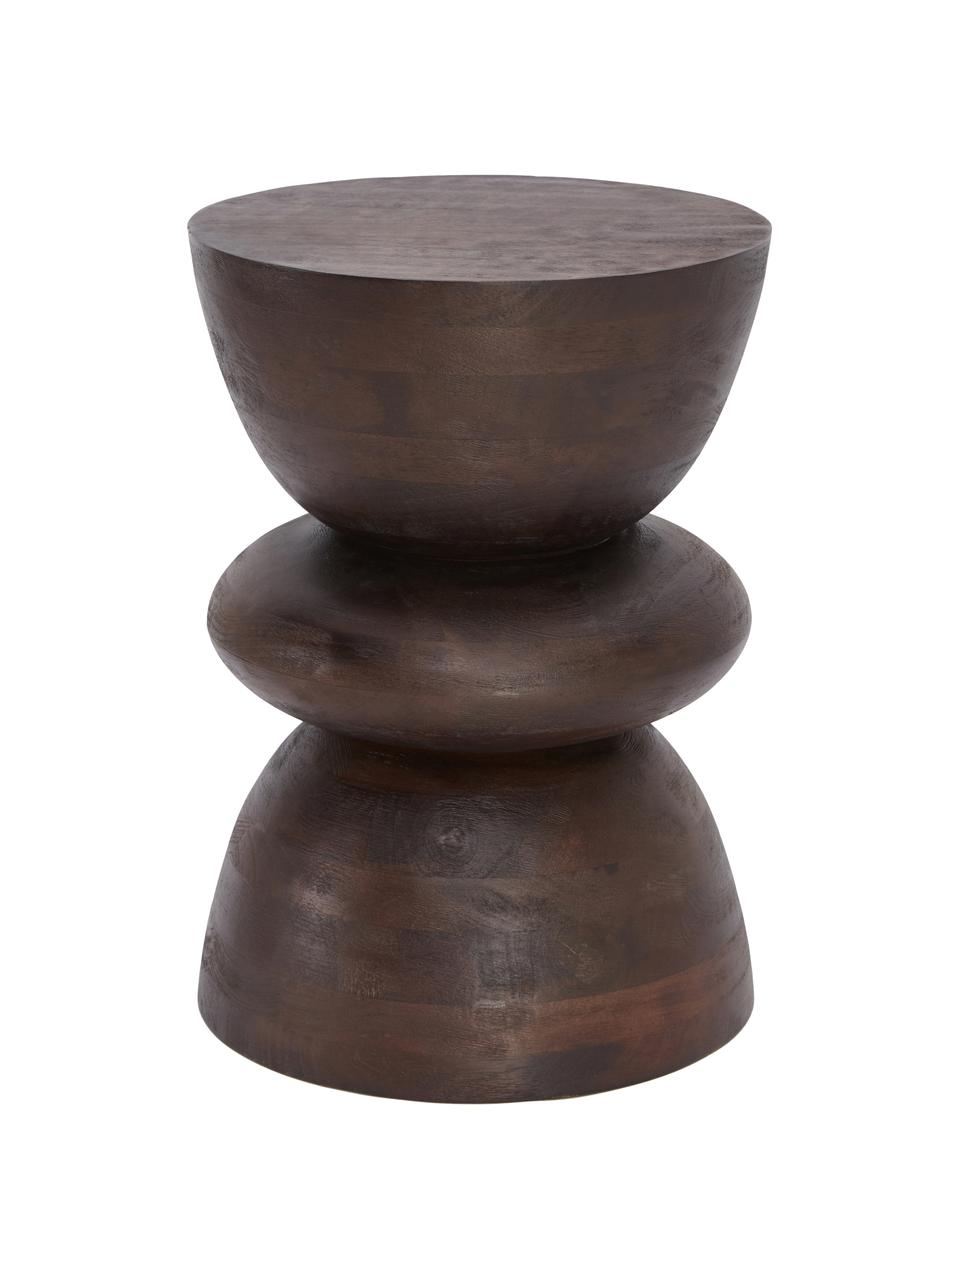 Stolik pomocniczy z drewna mangowego Benno, Lite drewno mangowe, lakierowane, Ciemny brązowy, Ø 35 x W 50 cm